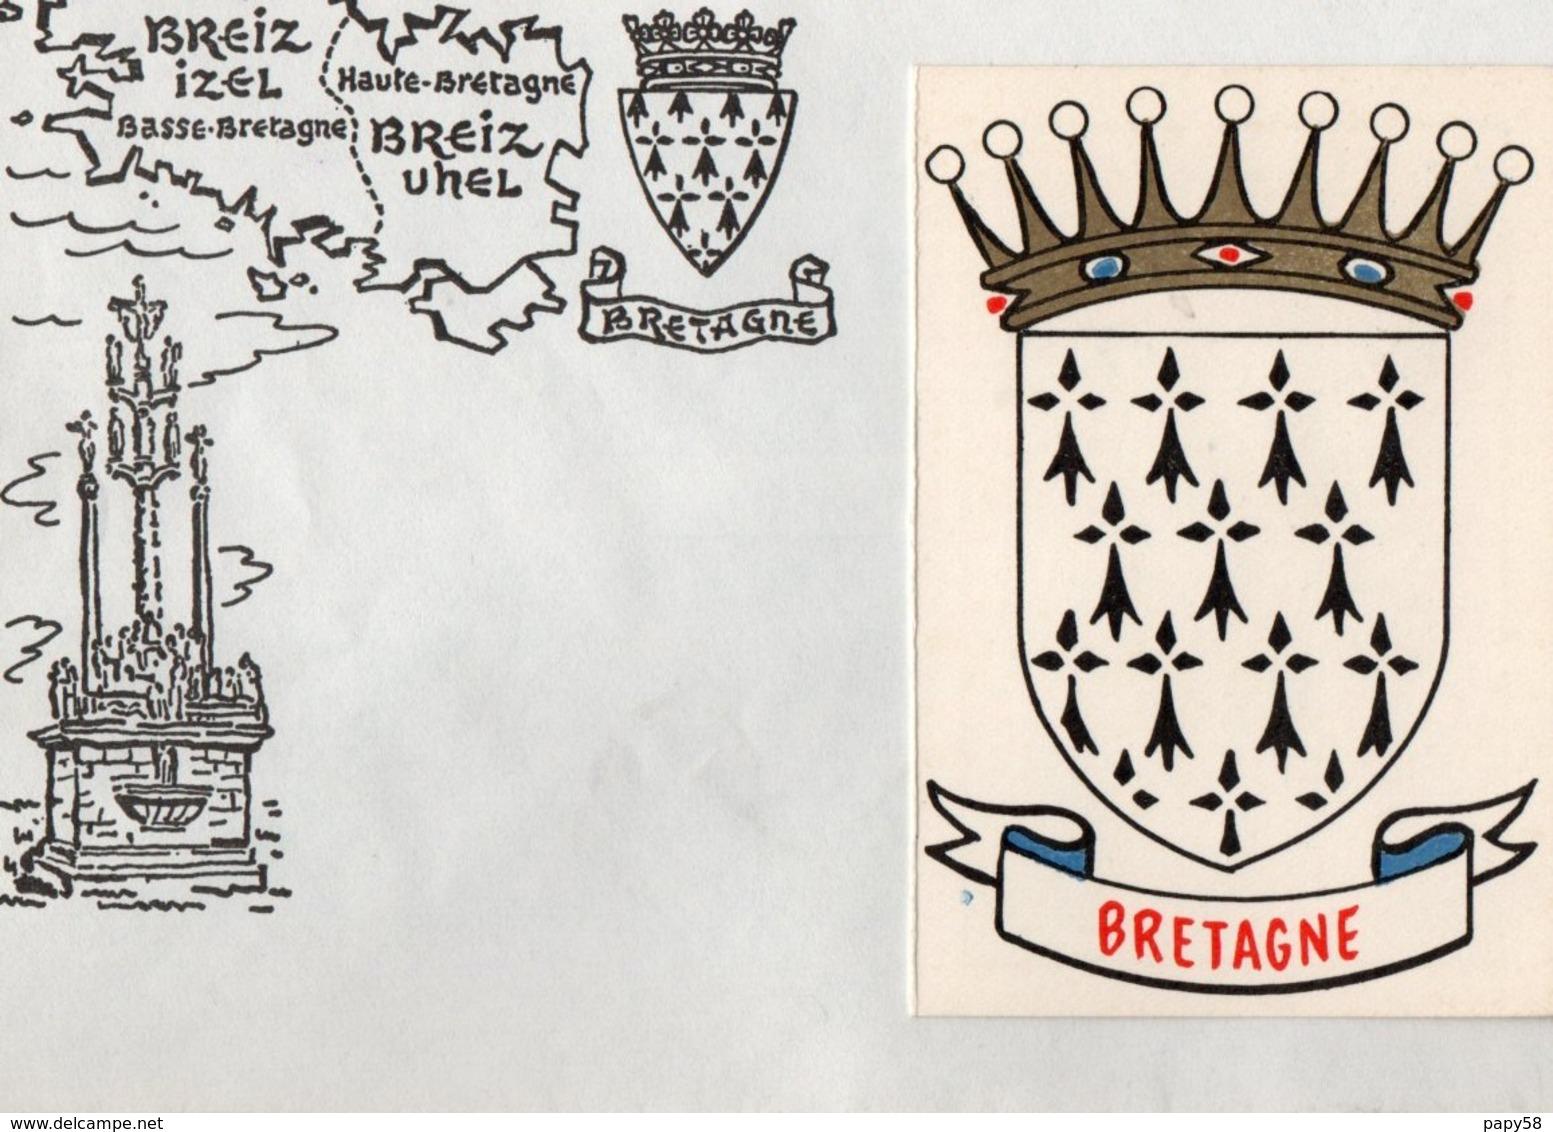 Calendriers > Petit Format : 1961-70 Sur Enveloppe Breiz BRETAGNE Année 1968 6 Premiers Mois - Petit Format : 1961-70